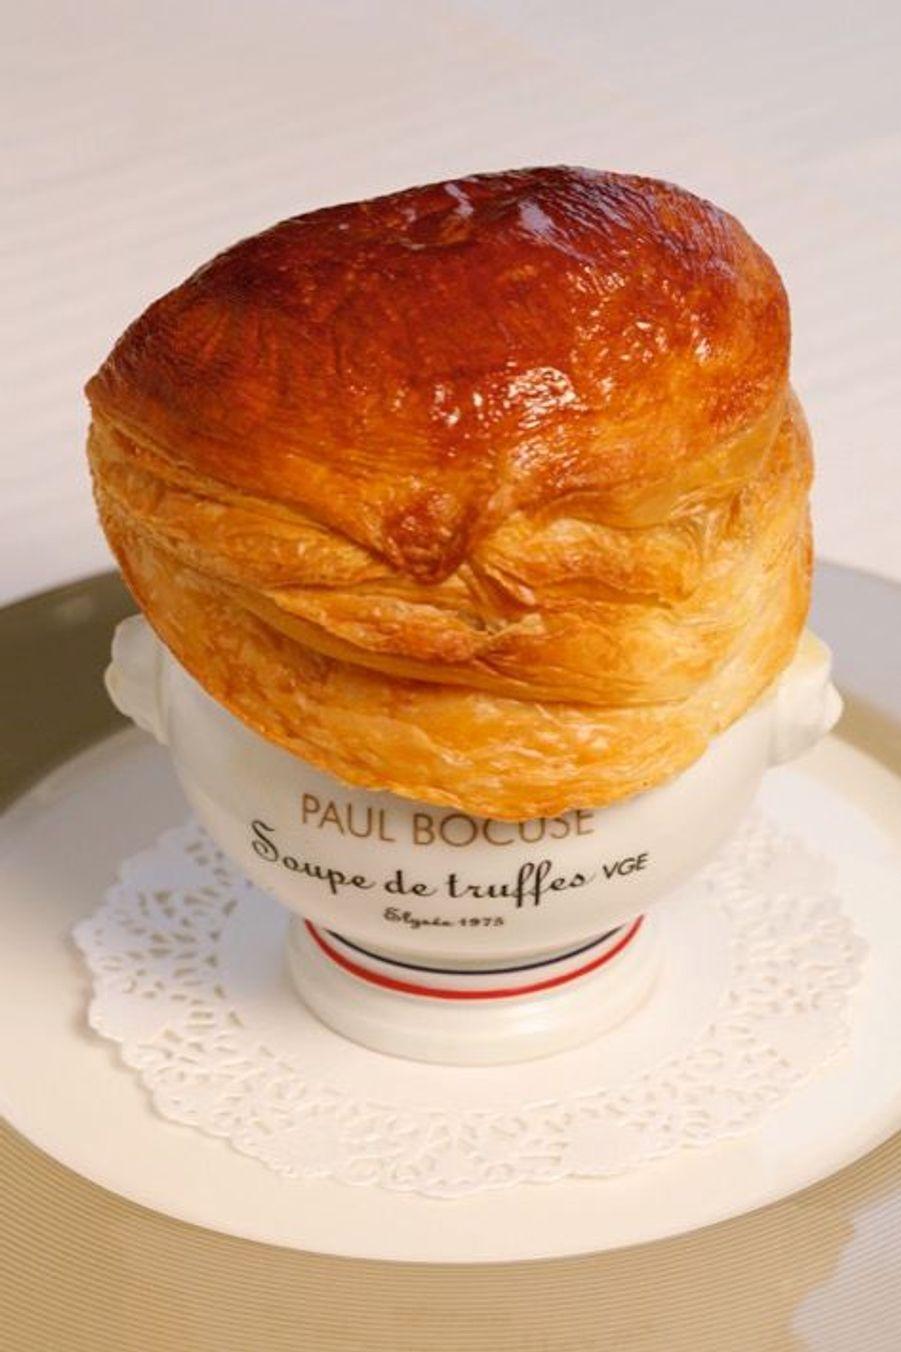 Créée en 1975 pour la remise de la Légion d'honneur à Paul Bocuse à l'Elysée par Valéry Giscard d'Estaing, la soupe aux truffes VGE appartient au patrimoine.